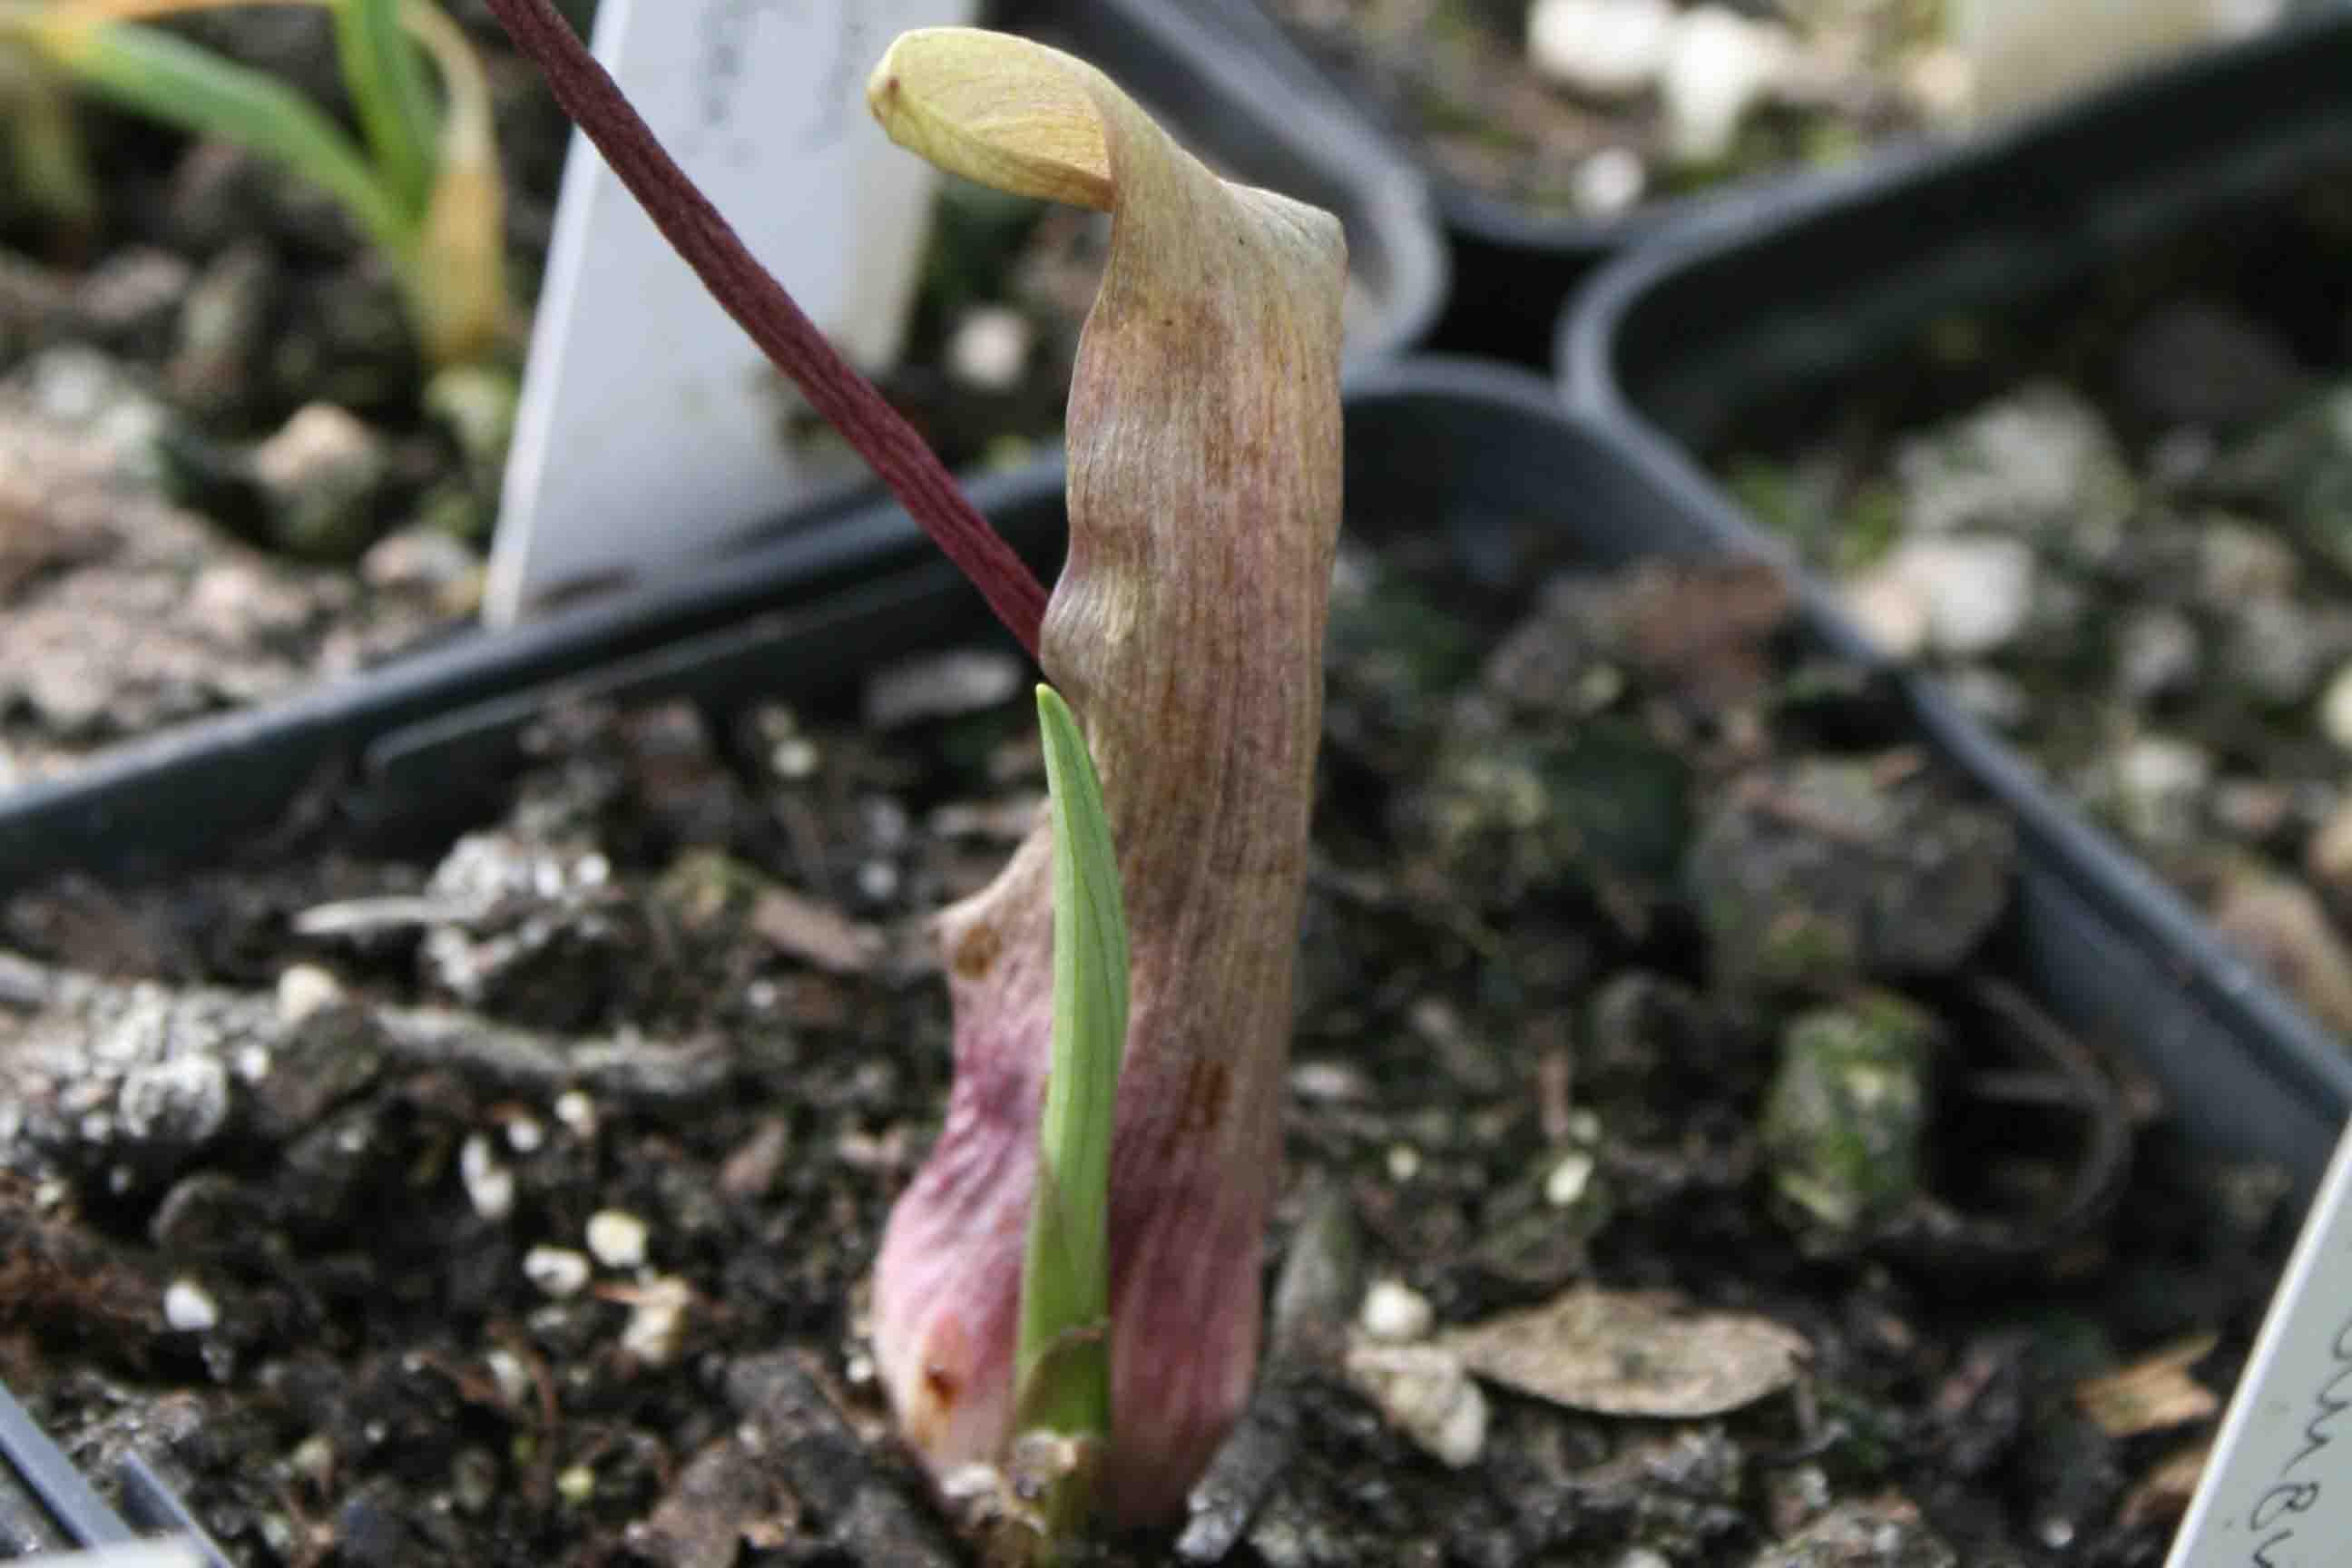 Biarum tenuifolium ssp. idomenaeum